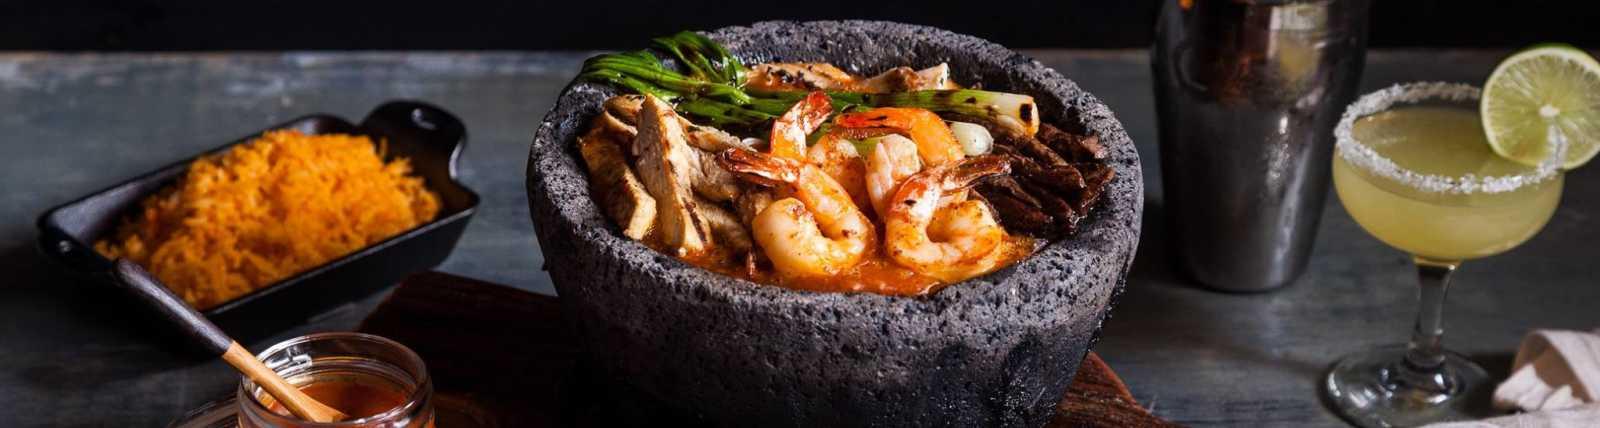 Moctezuma_s_Mexican_Restaurant___Tequila_Bar-4.jpg